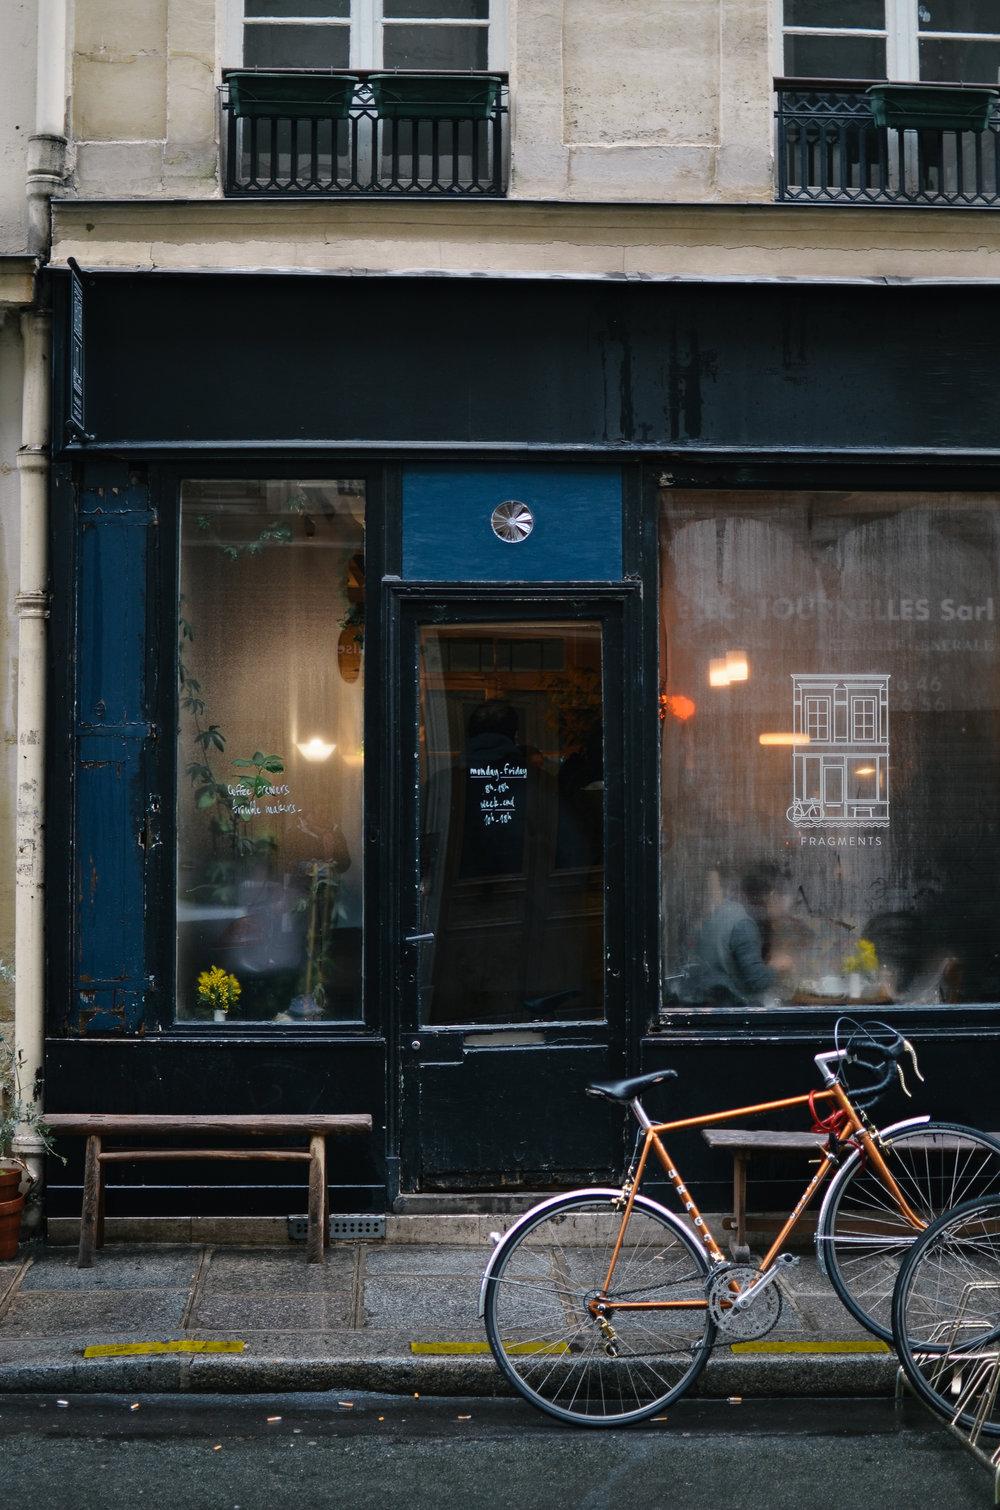 paris-france-travel-guide-lifeonpine_DSC_0324.jpg